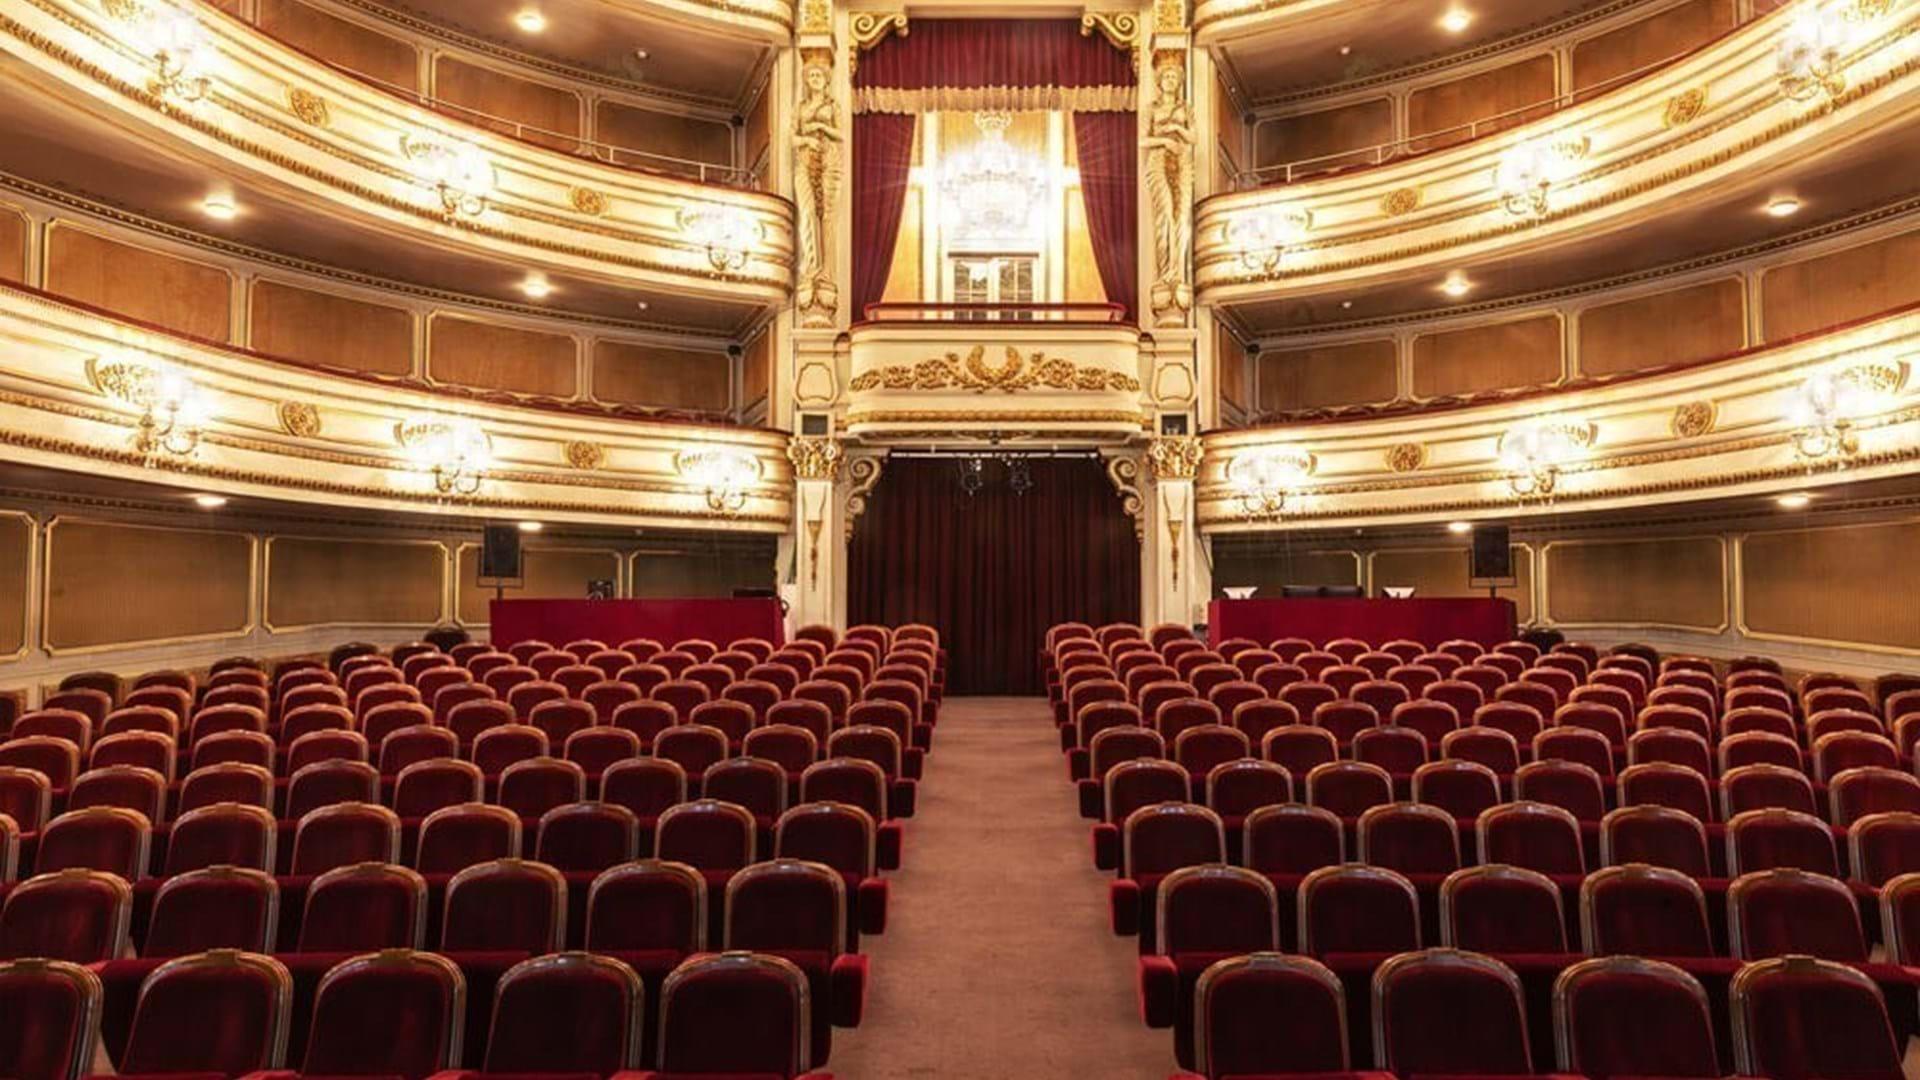 Teatro Nacional D. Maria II - Parcerias | Grupo Ageas Portugal